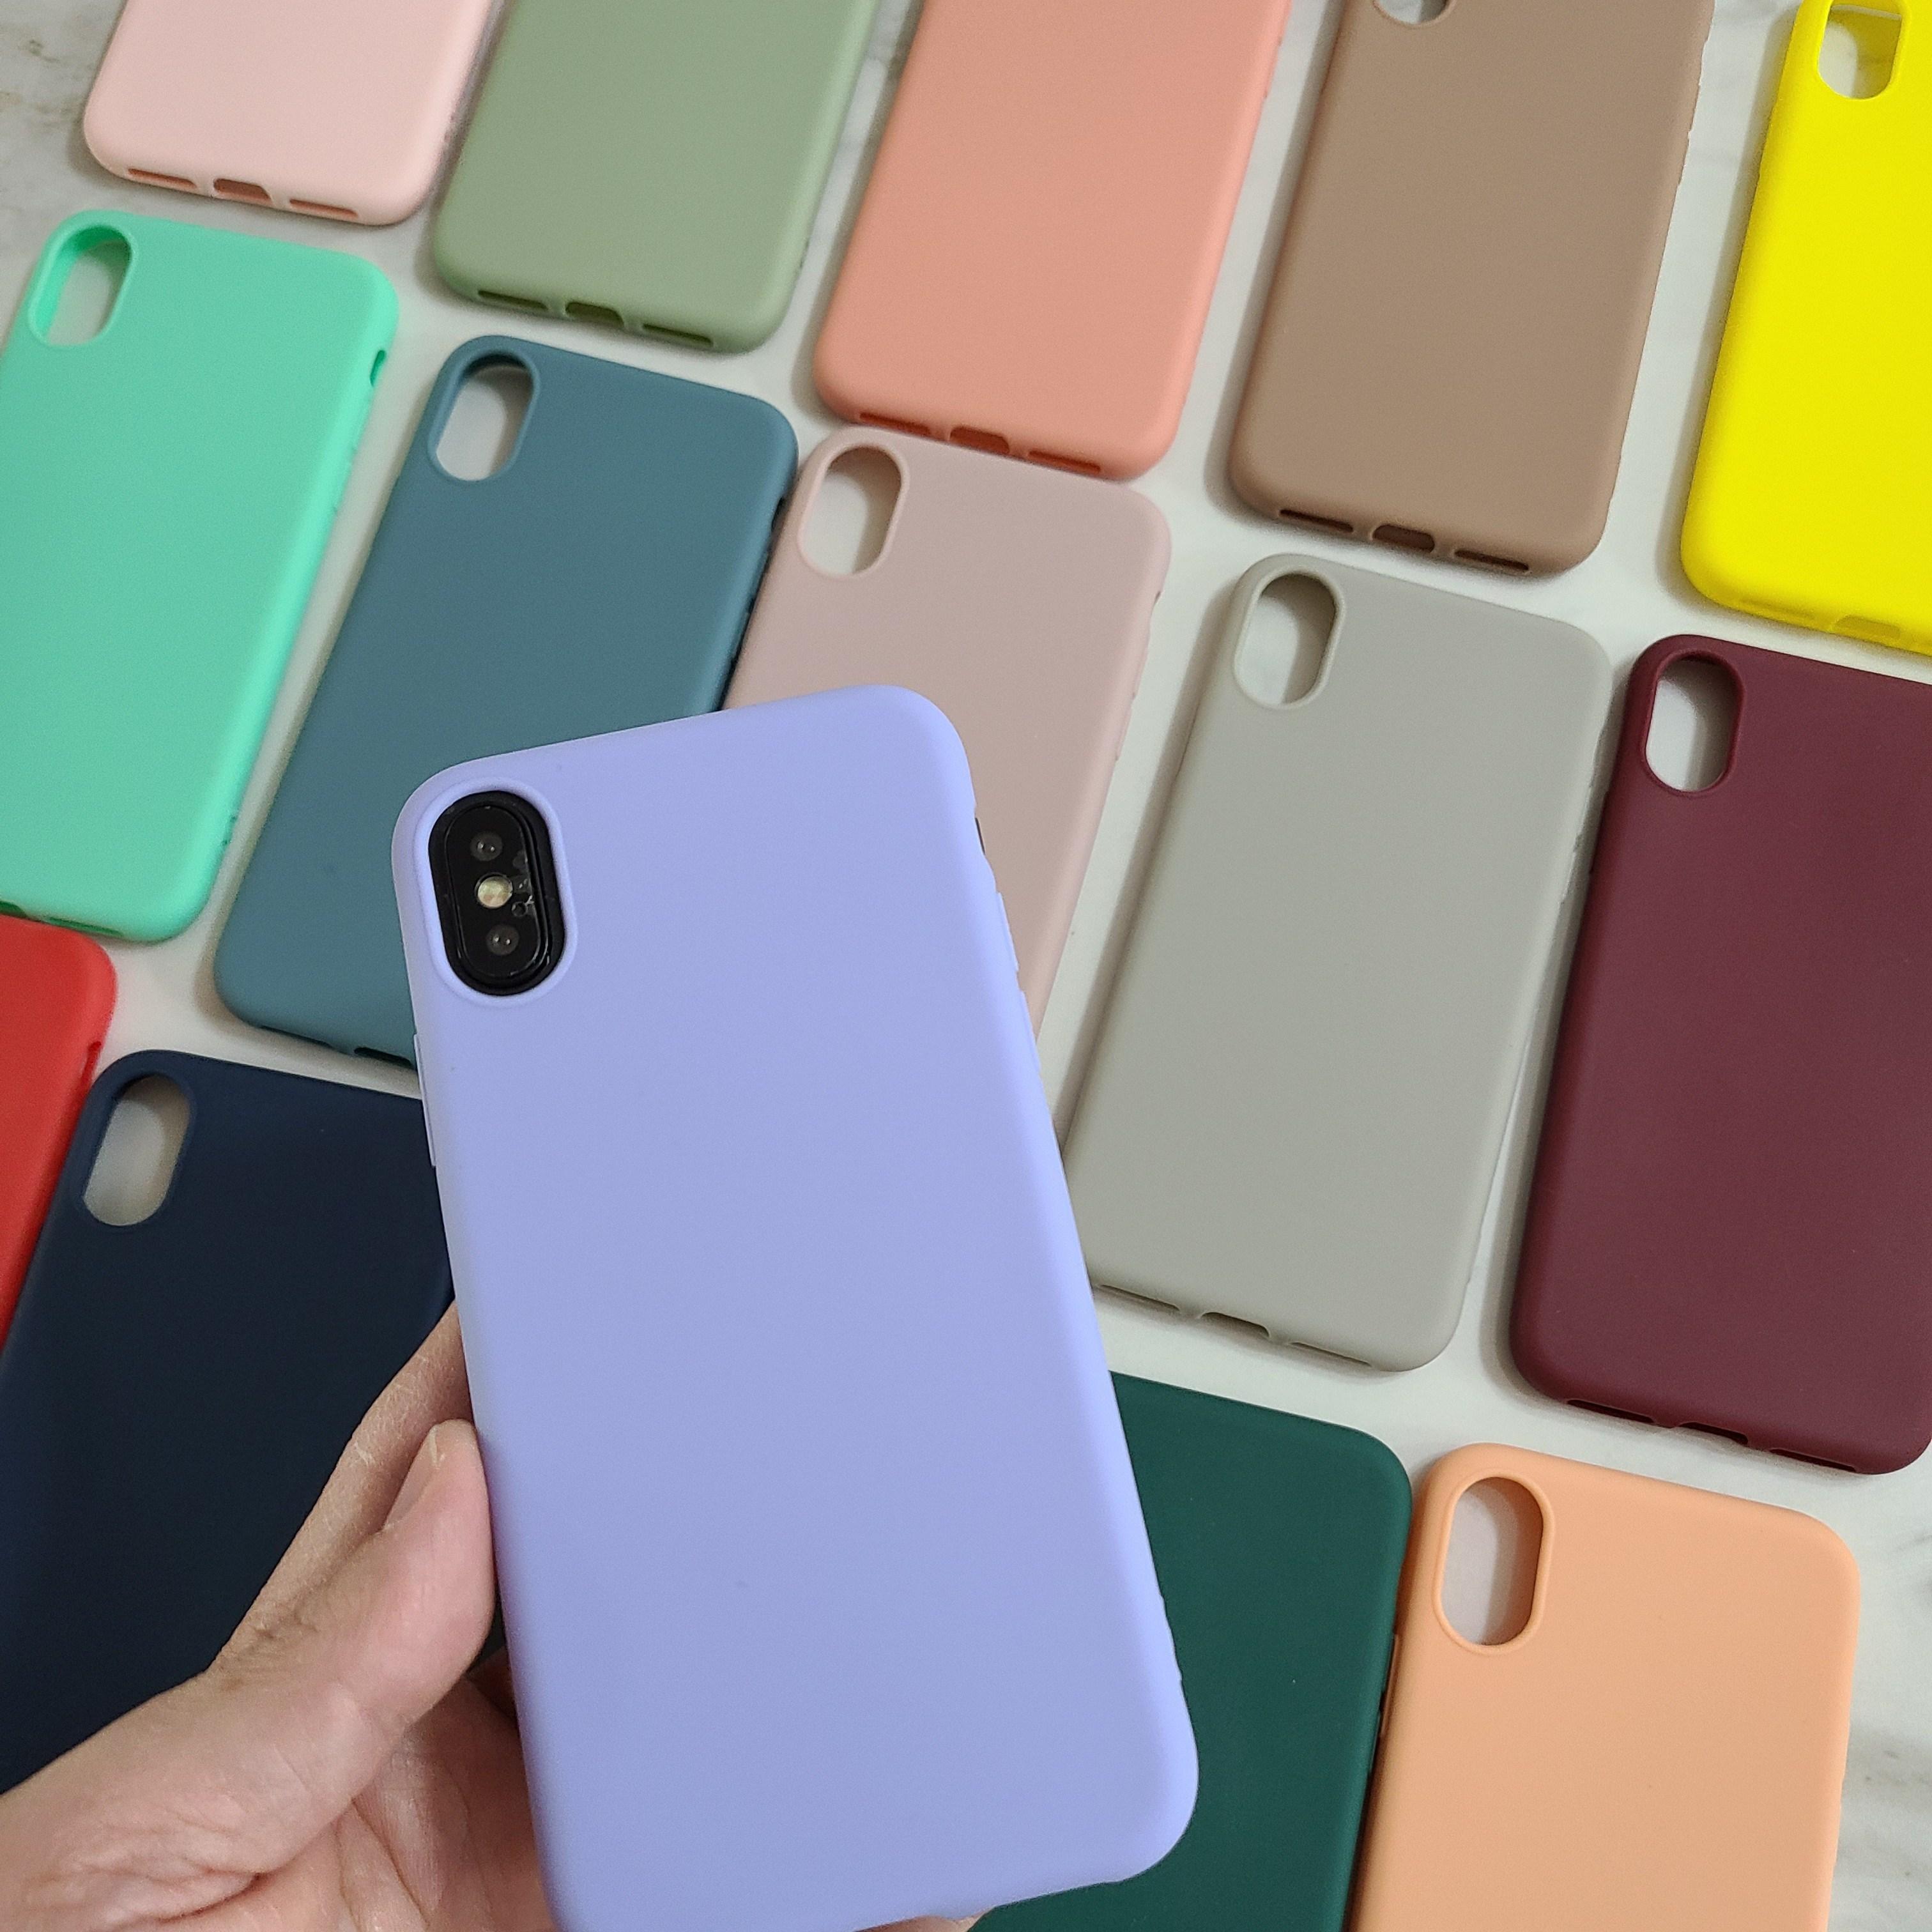 폰마트 아이폰실리콘케이스 아이폰11 아이폰12 아이폰8 아이폰XS 파스텔 범퍼케이스 골드강화유리필름+세트